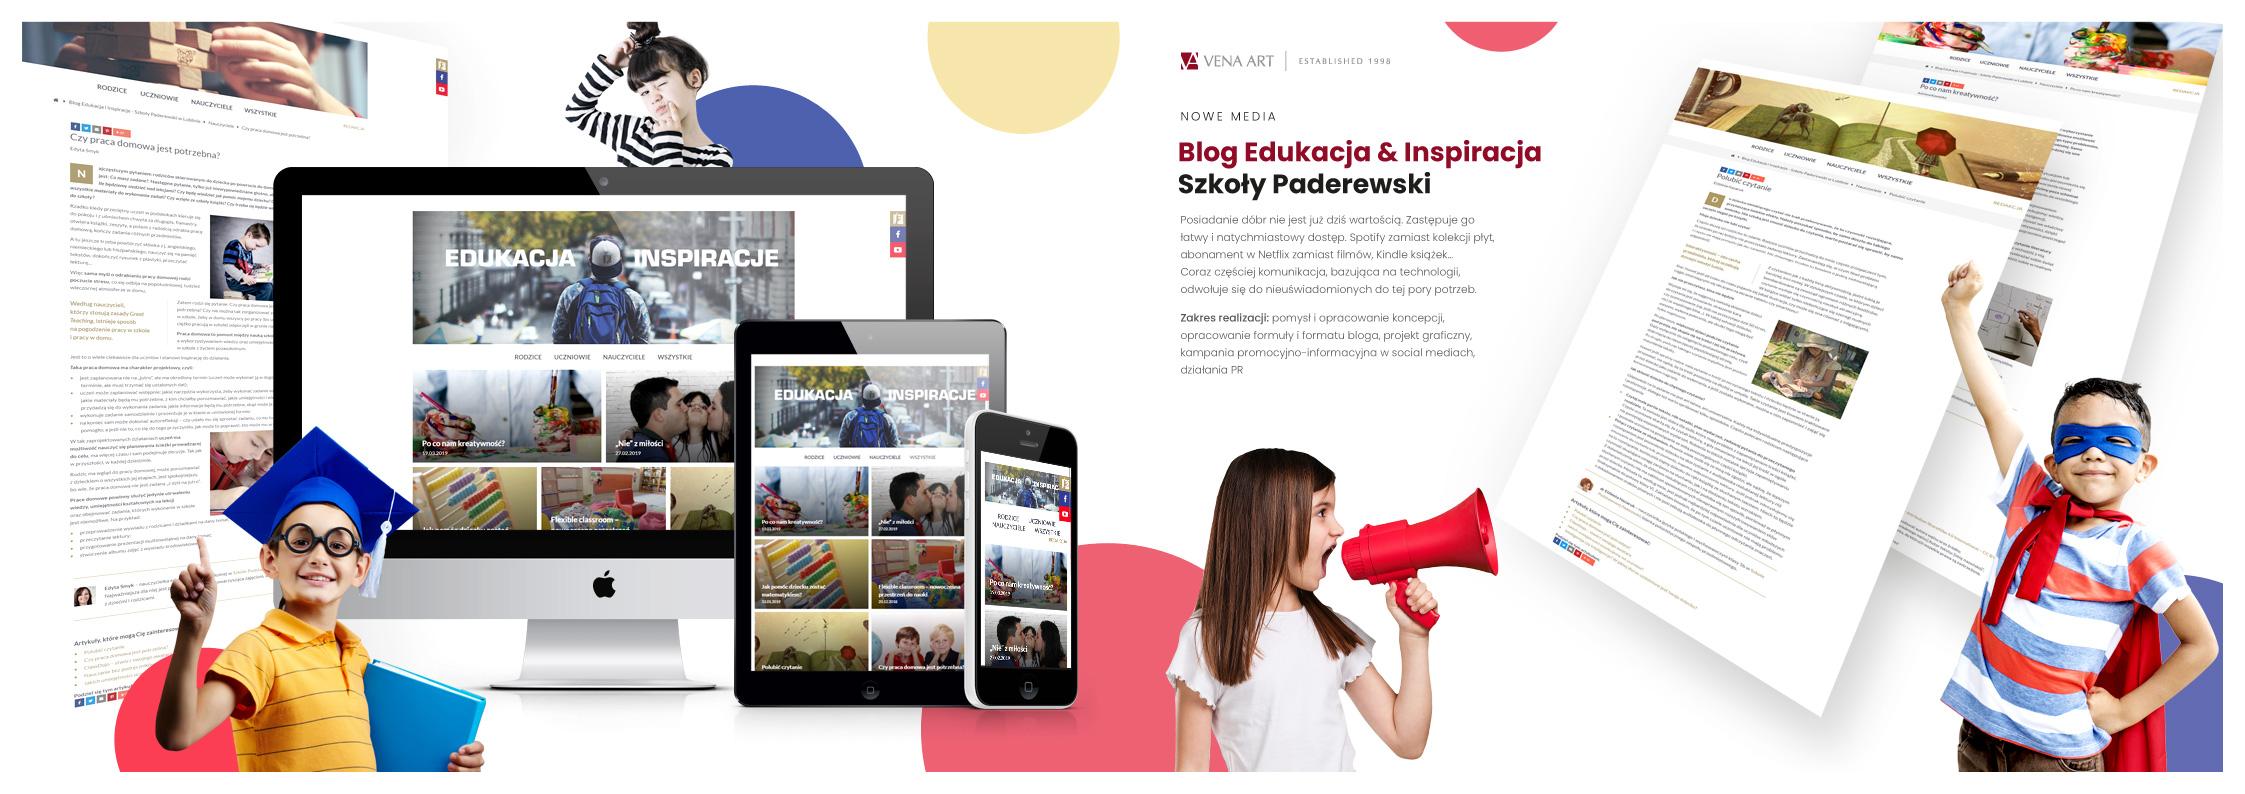 Blog Edukacja & Inspiracja —Szkoły Paderewski